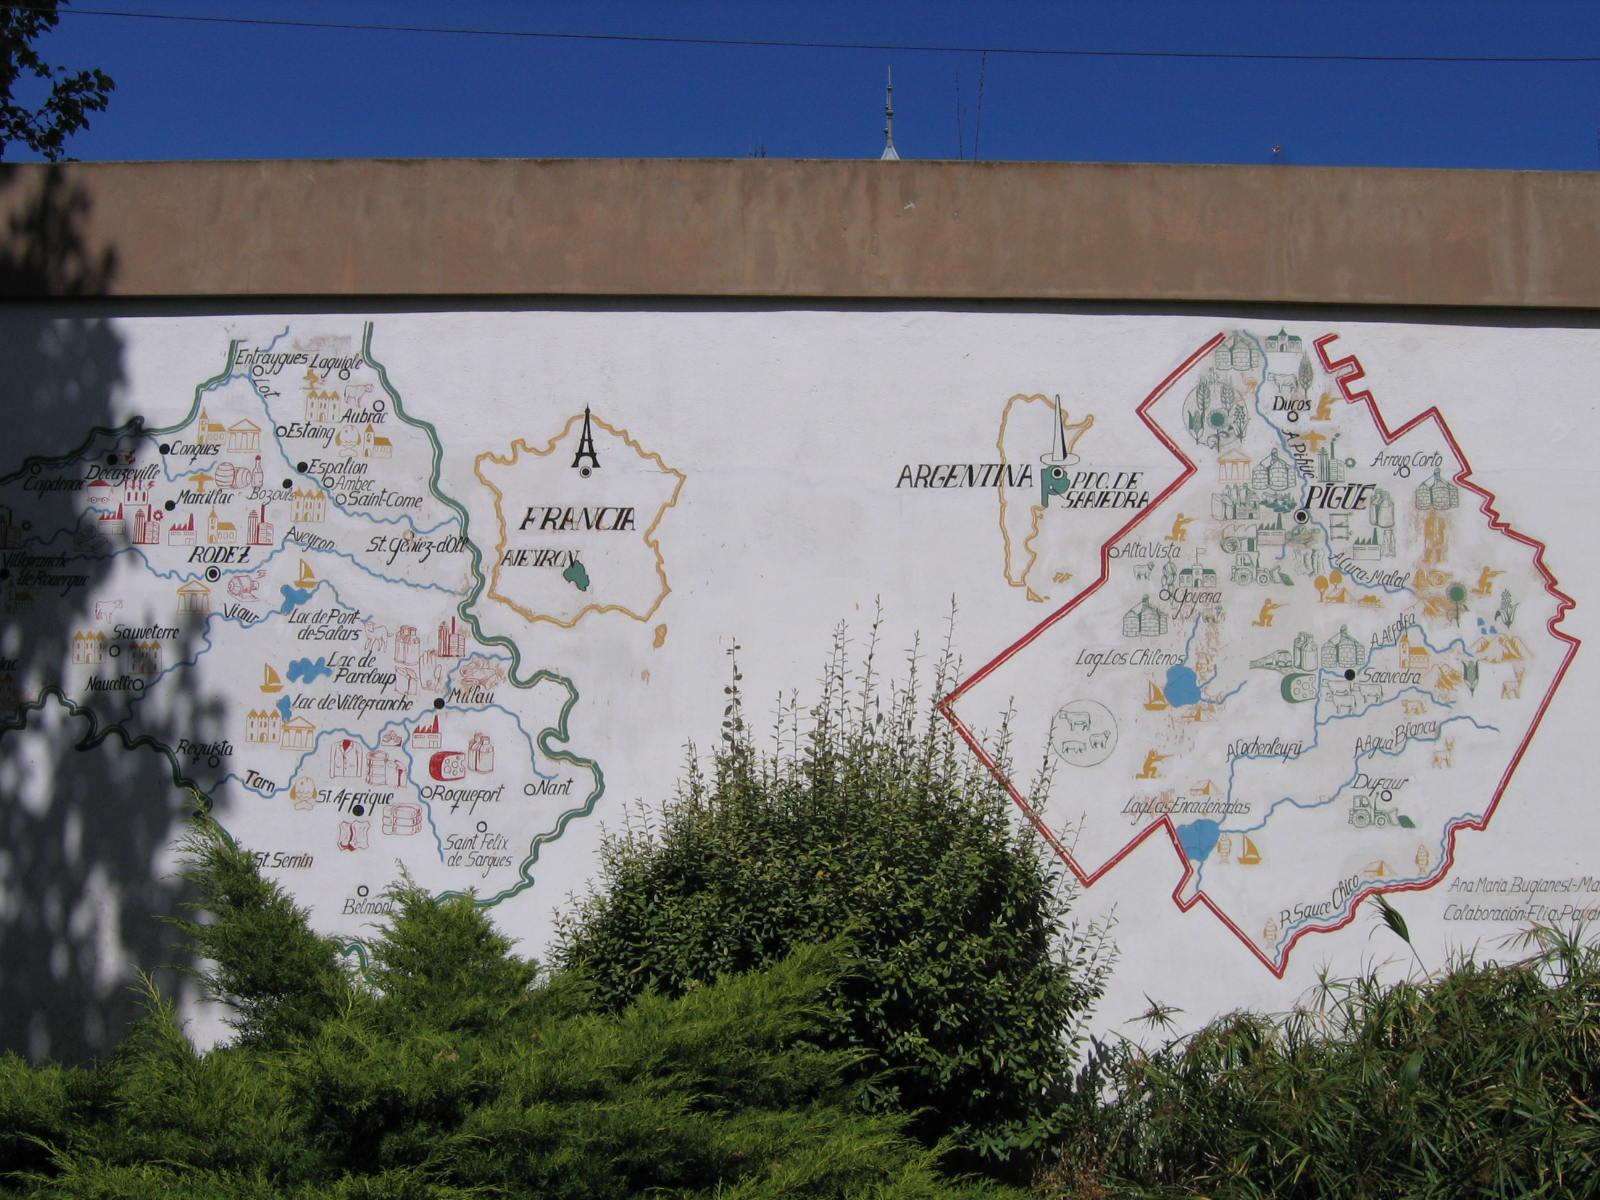 Cartas d'Avairon e de Pigüé sus una pared de la vila. Fotografia de Jiròni B. CC-BY-SA